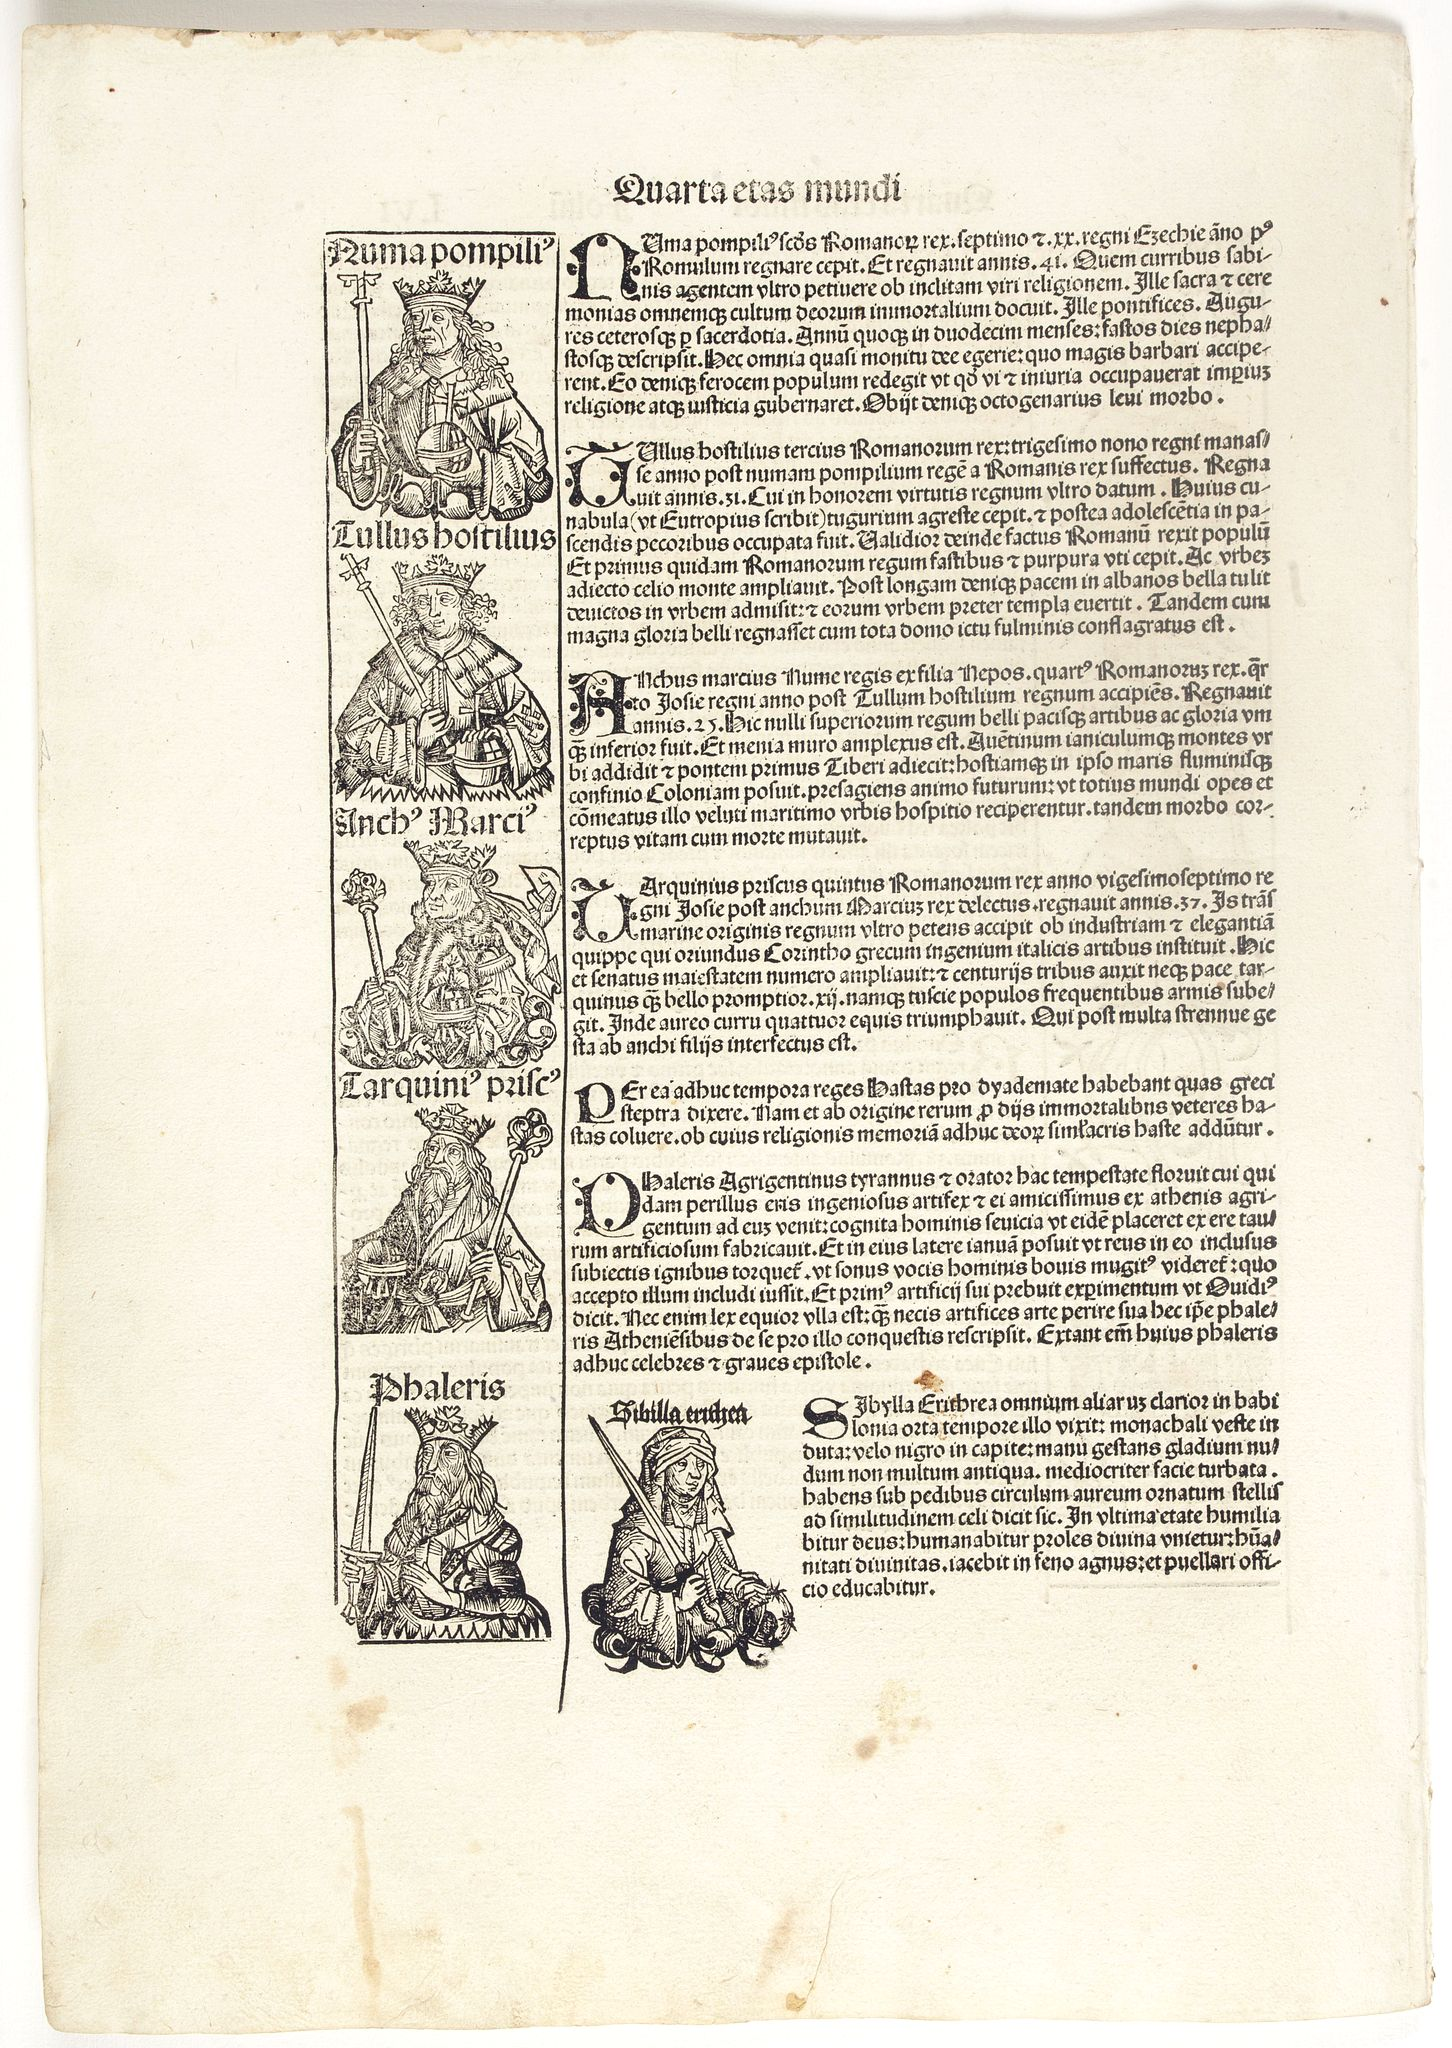 SCHEDEL, H. -  Quarta Etas Mundi. Folium. LVI